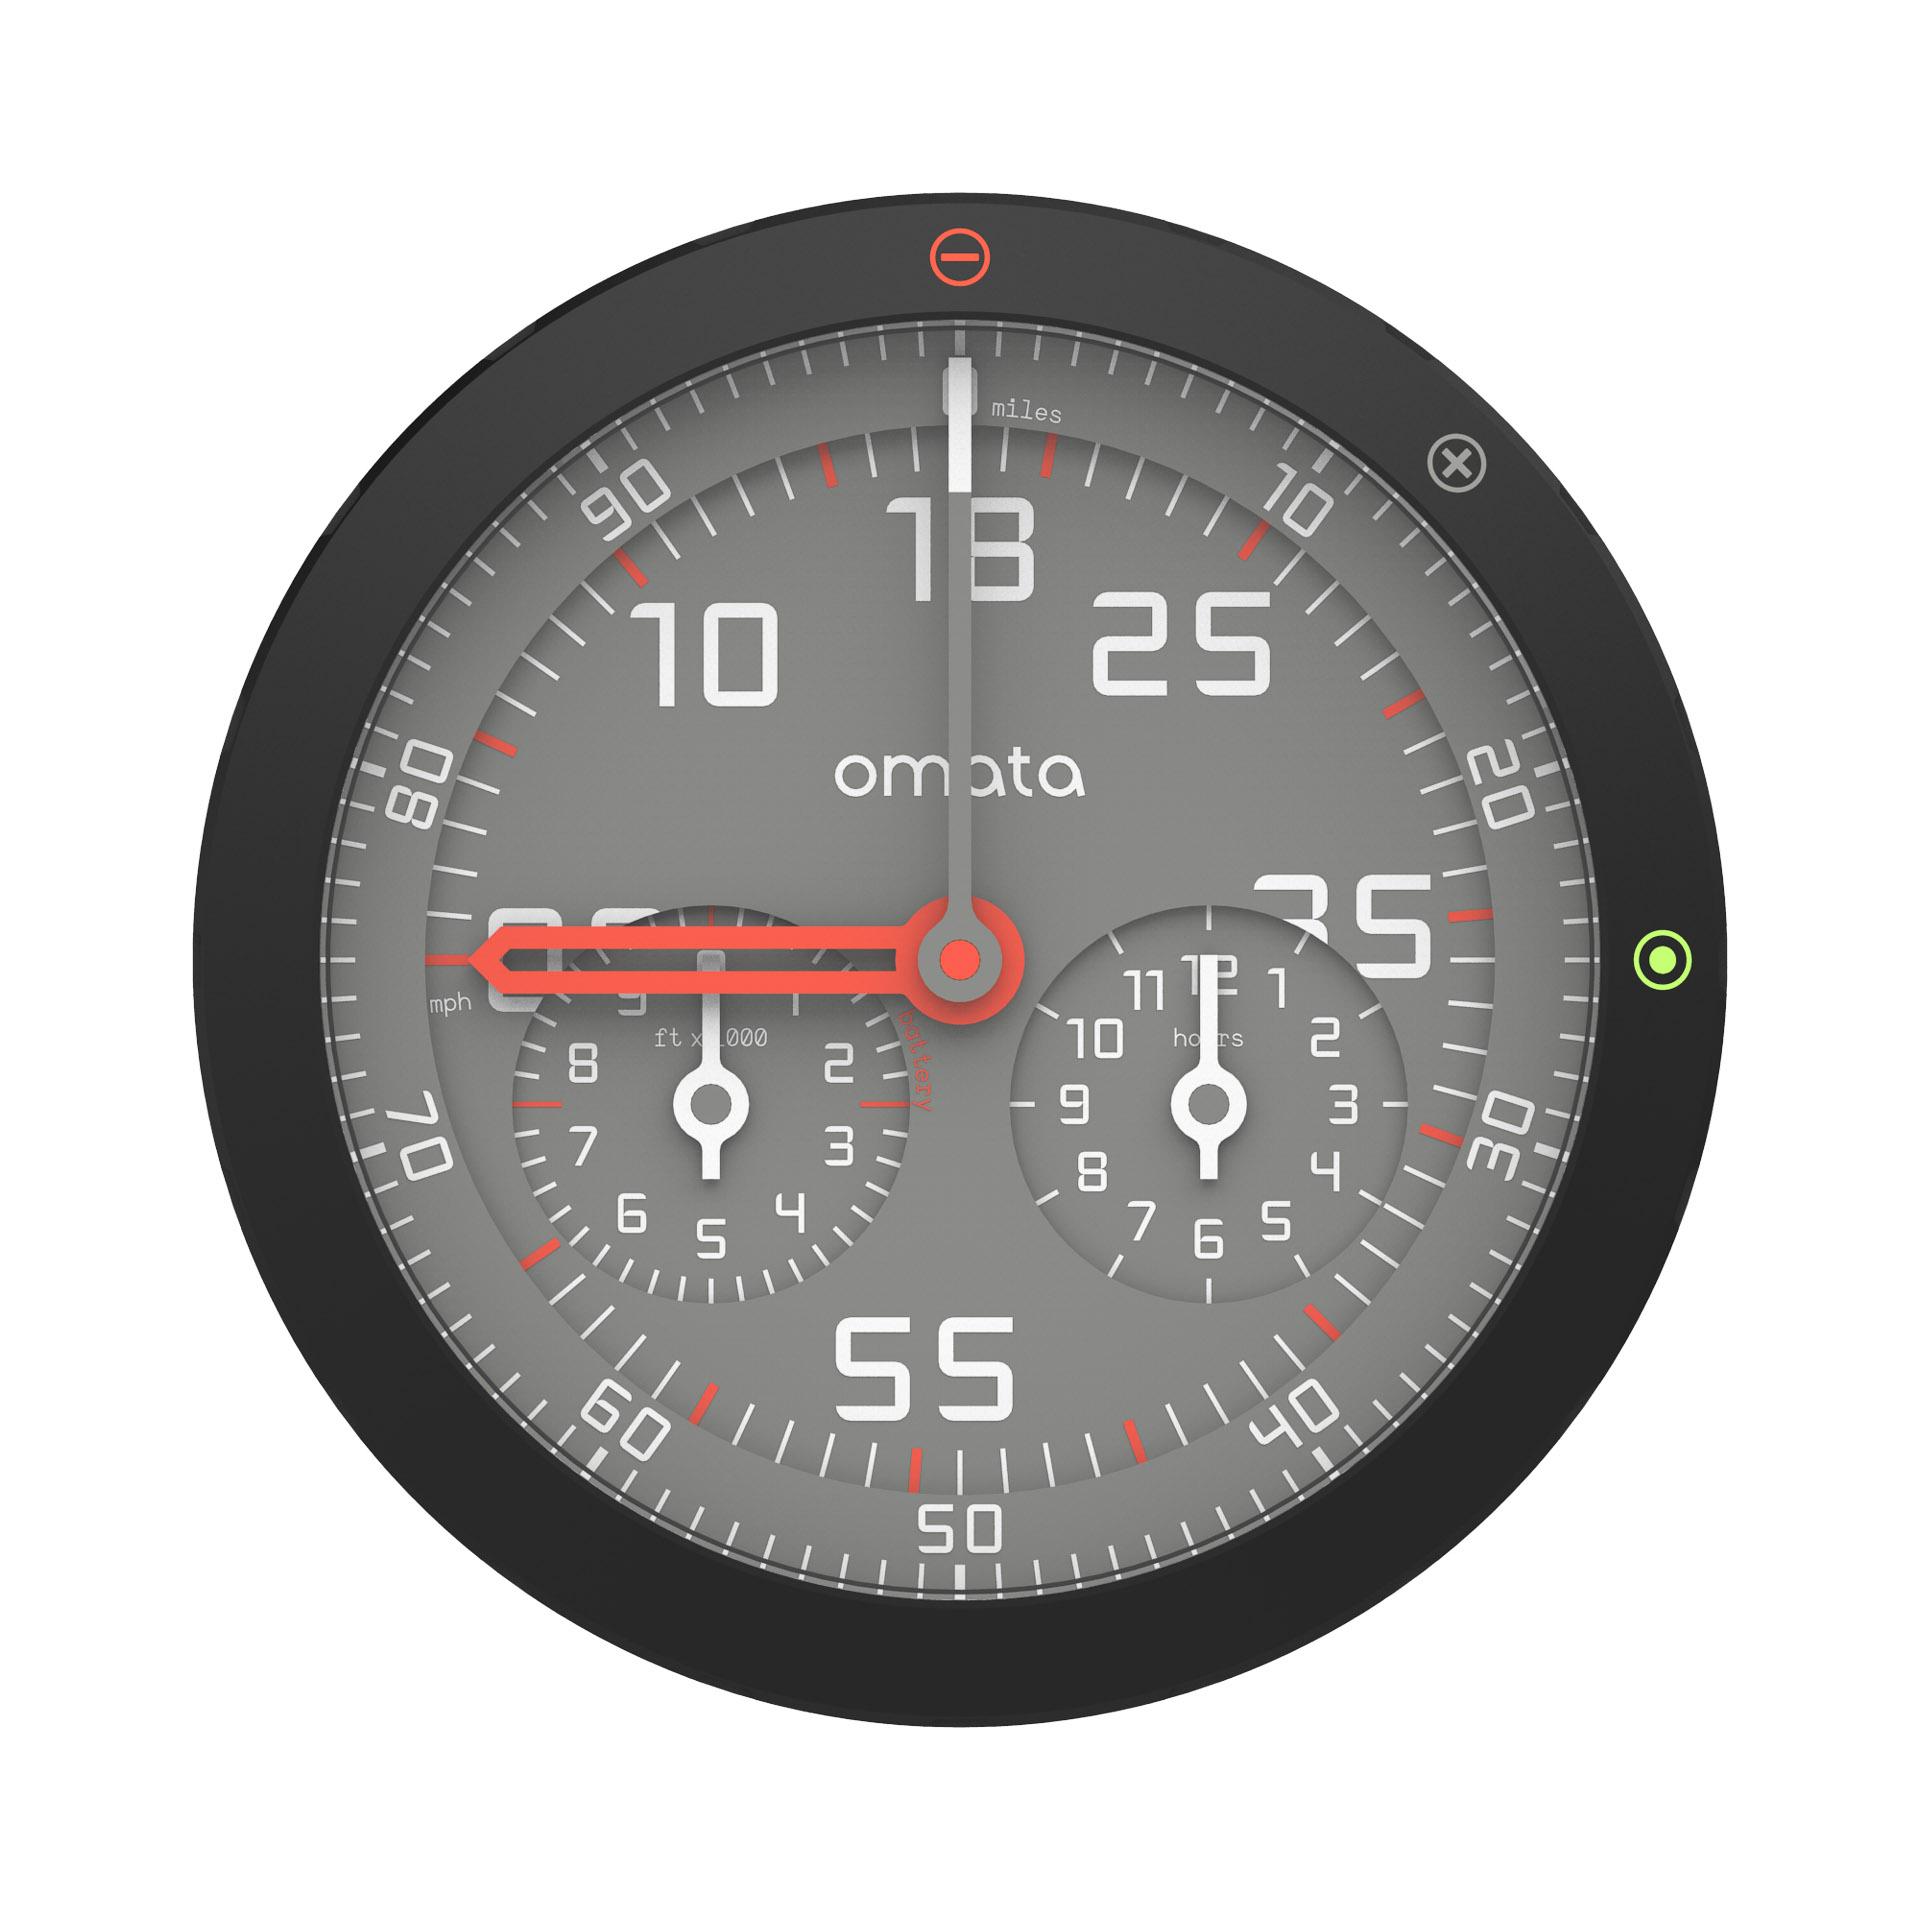 OMATA One Analog GPS Speedometer